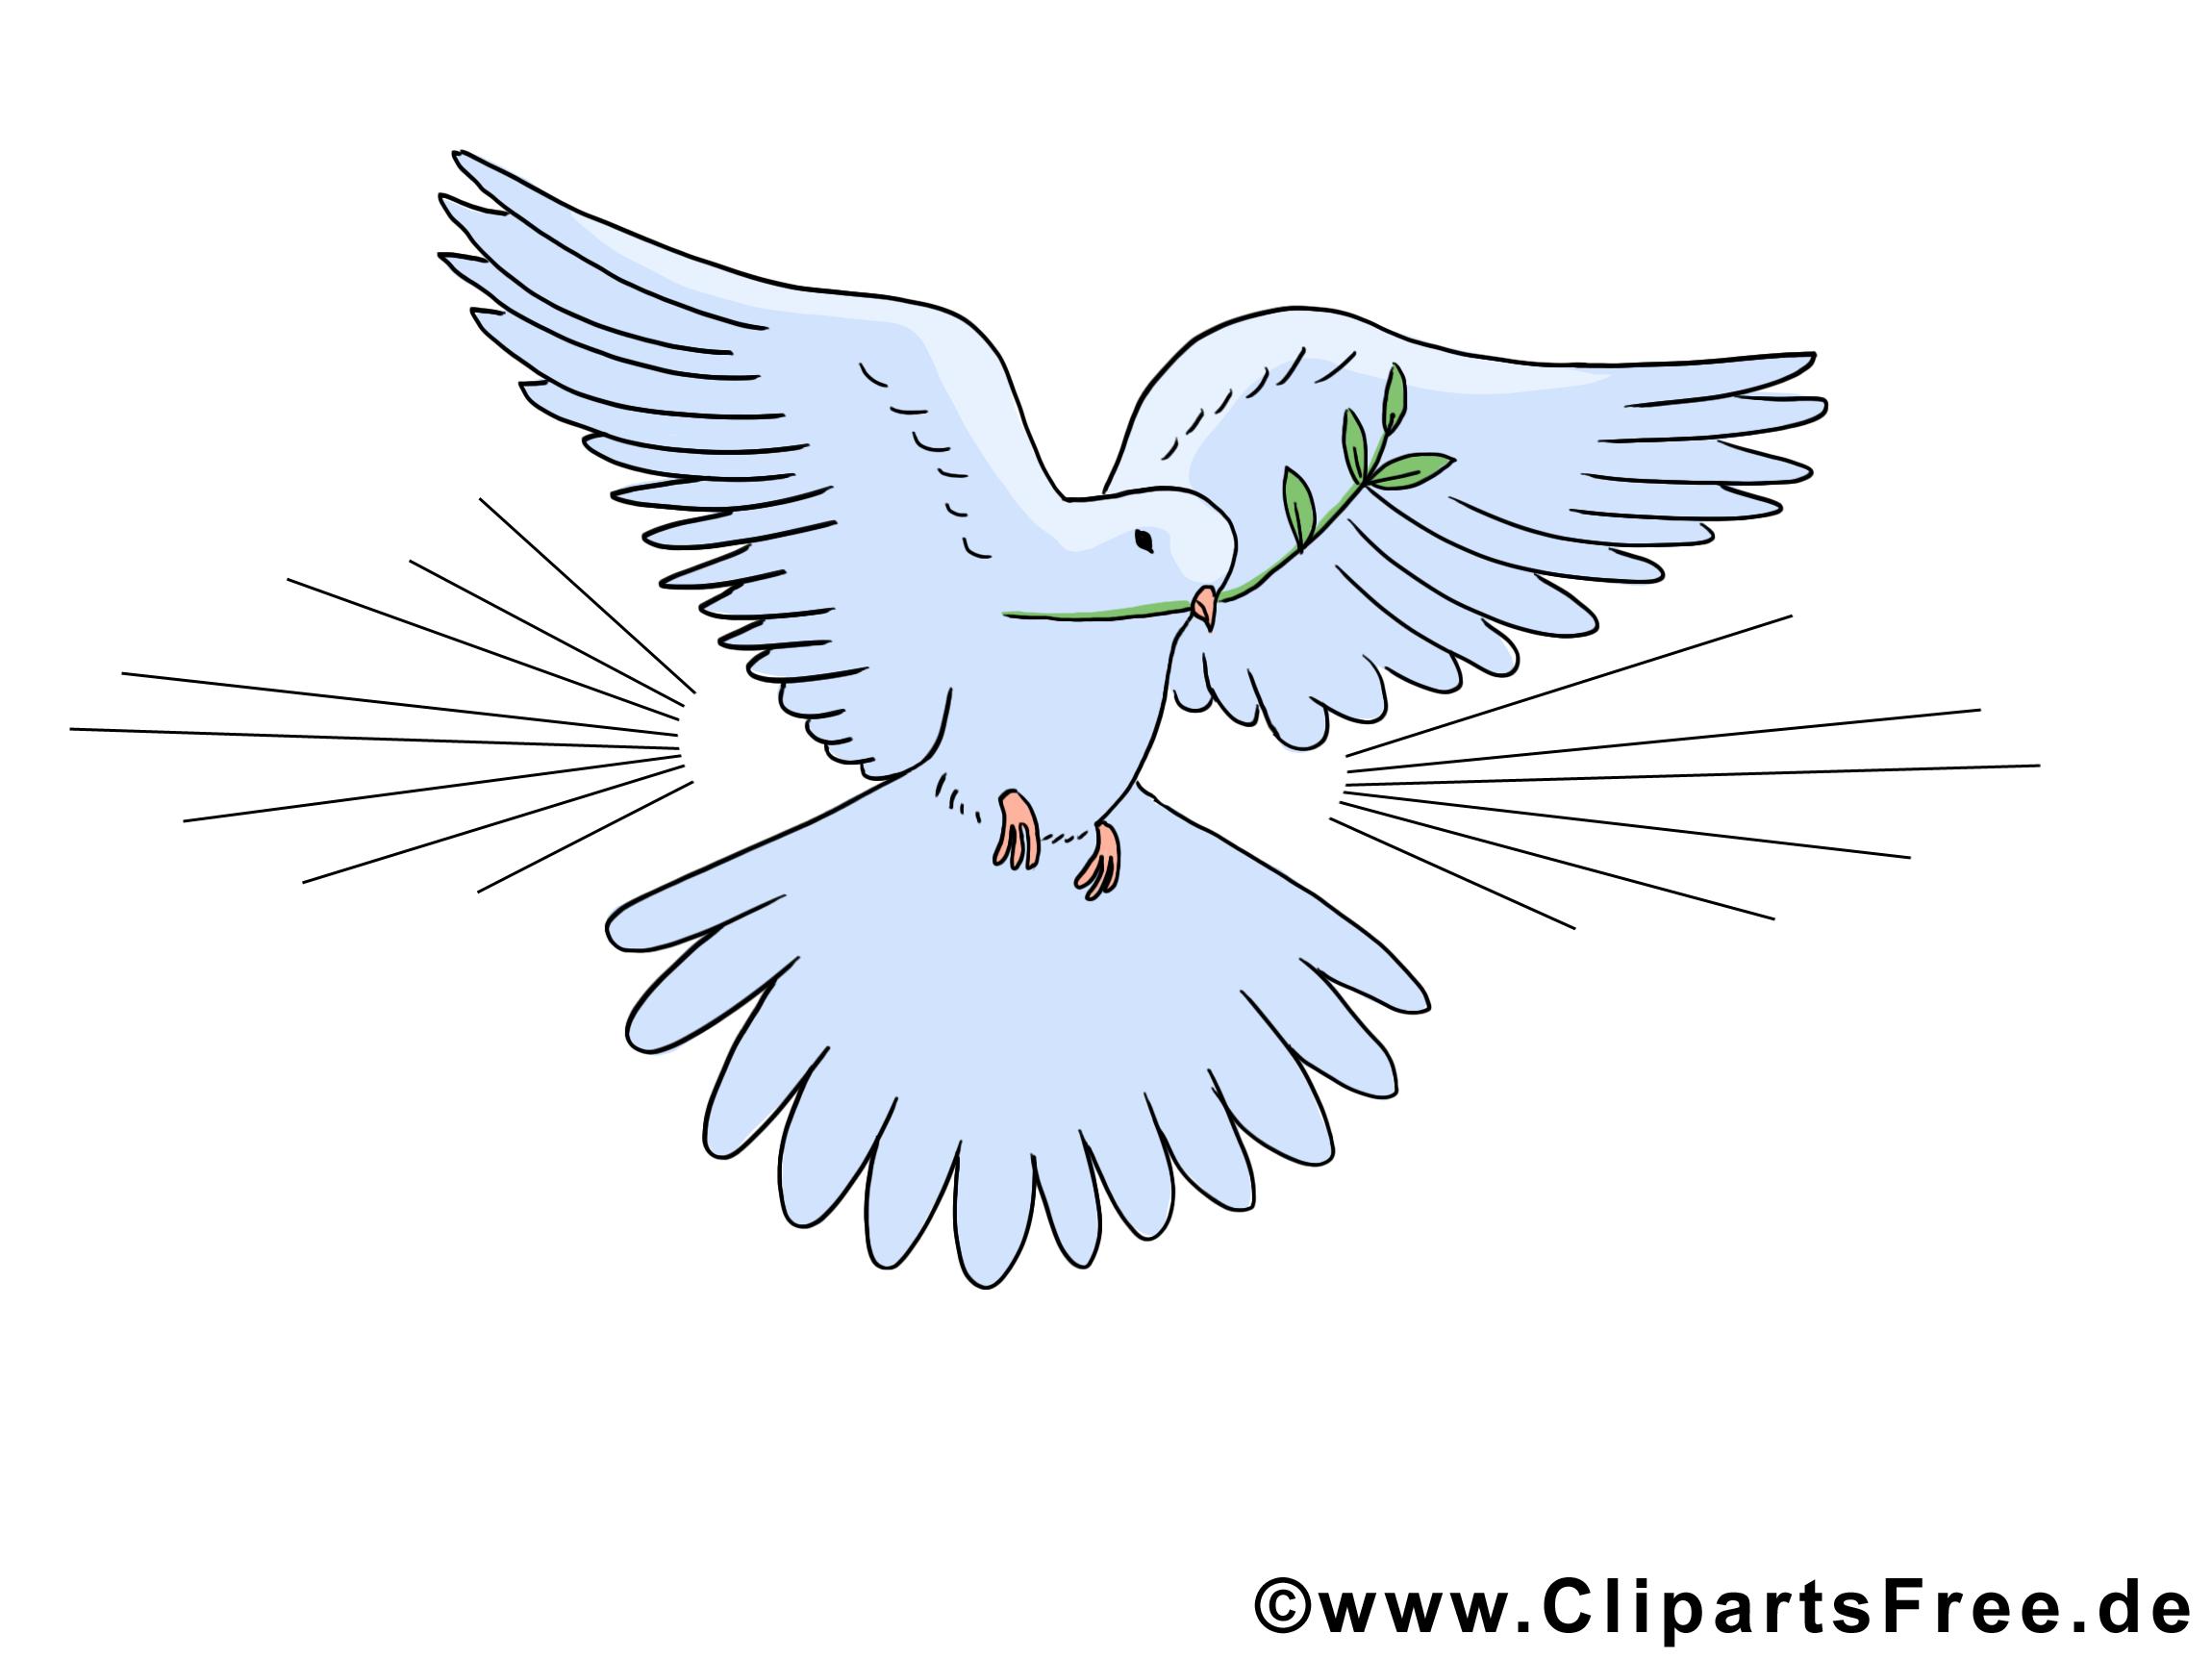 Pigeon clipart gratuit - Pentecôte images